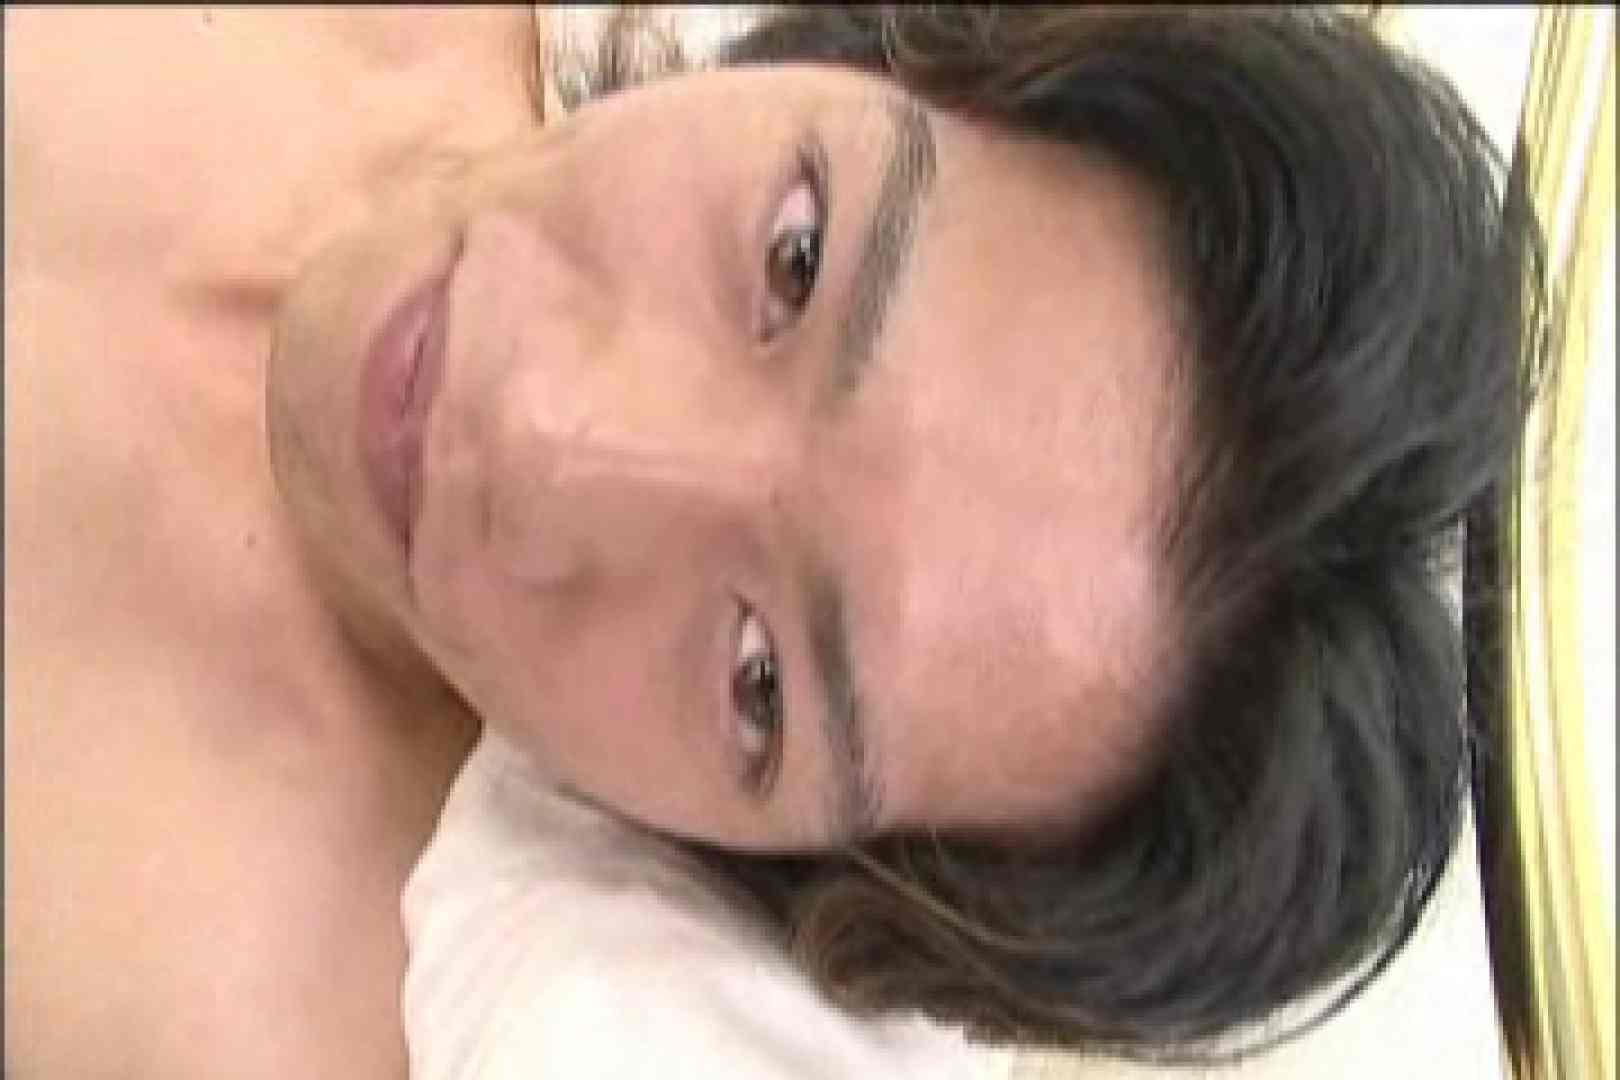 イケメン☆パラダイス〜男ざかりの君たちへ〜vol.40 ケツマン ゲイエロビデオ画像 80pic 80